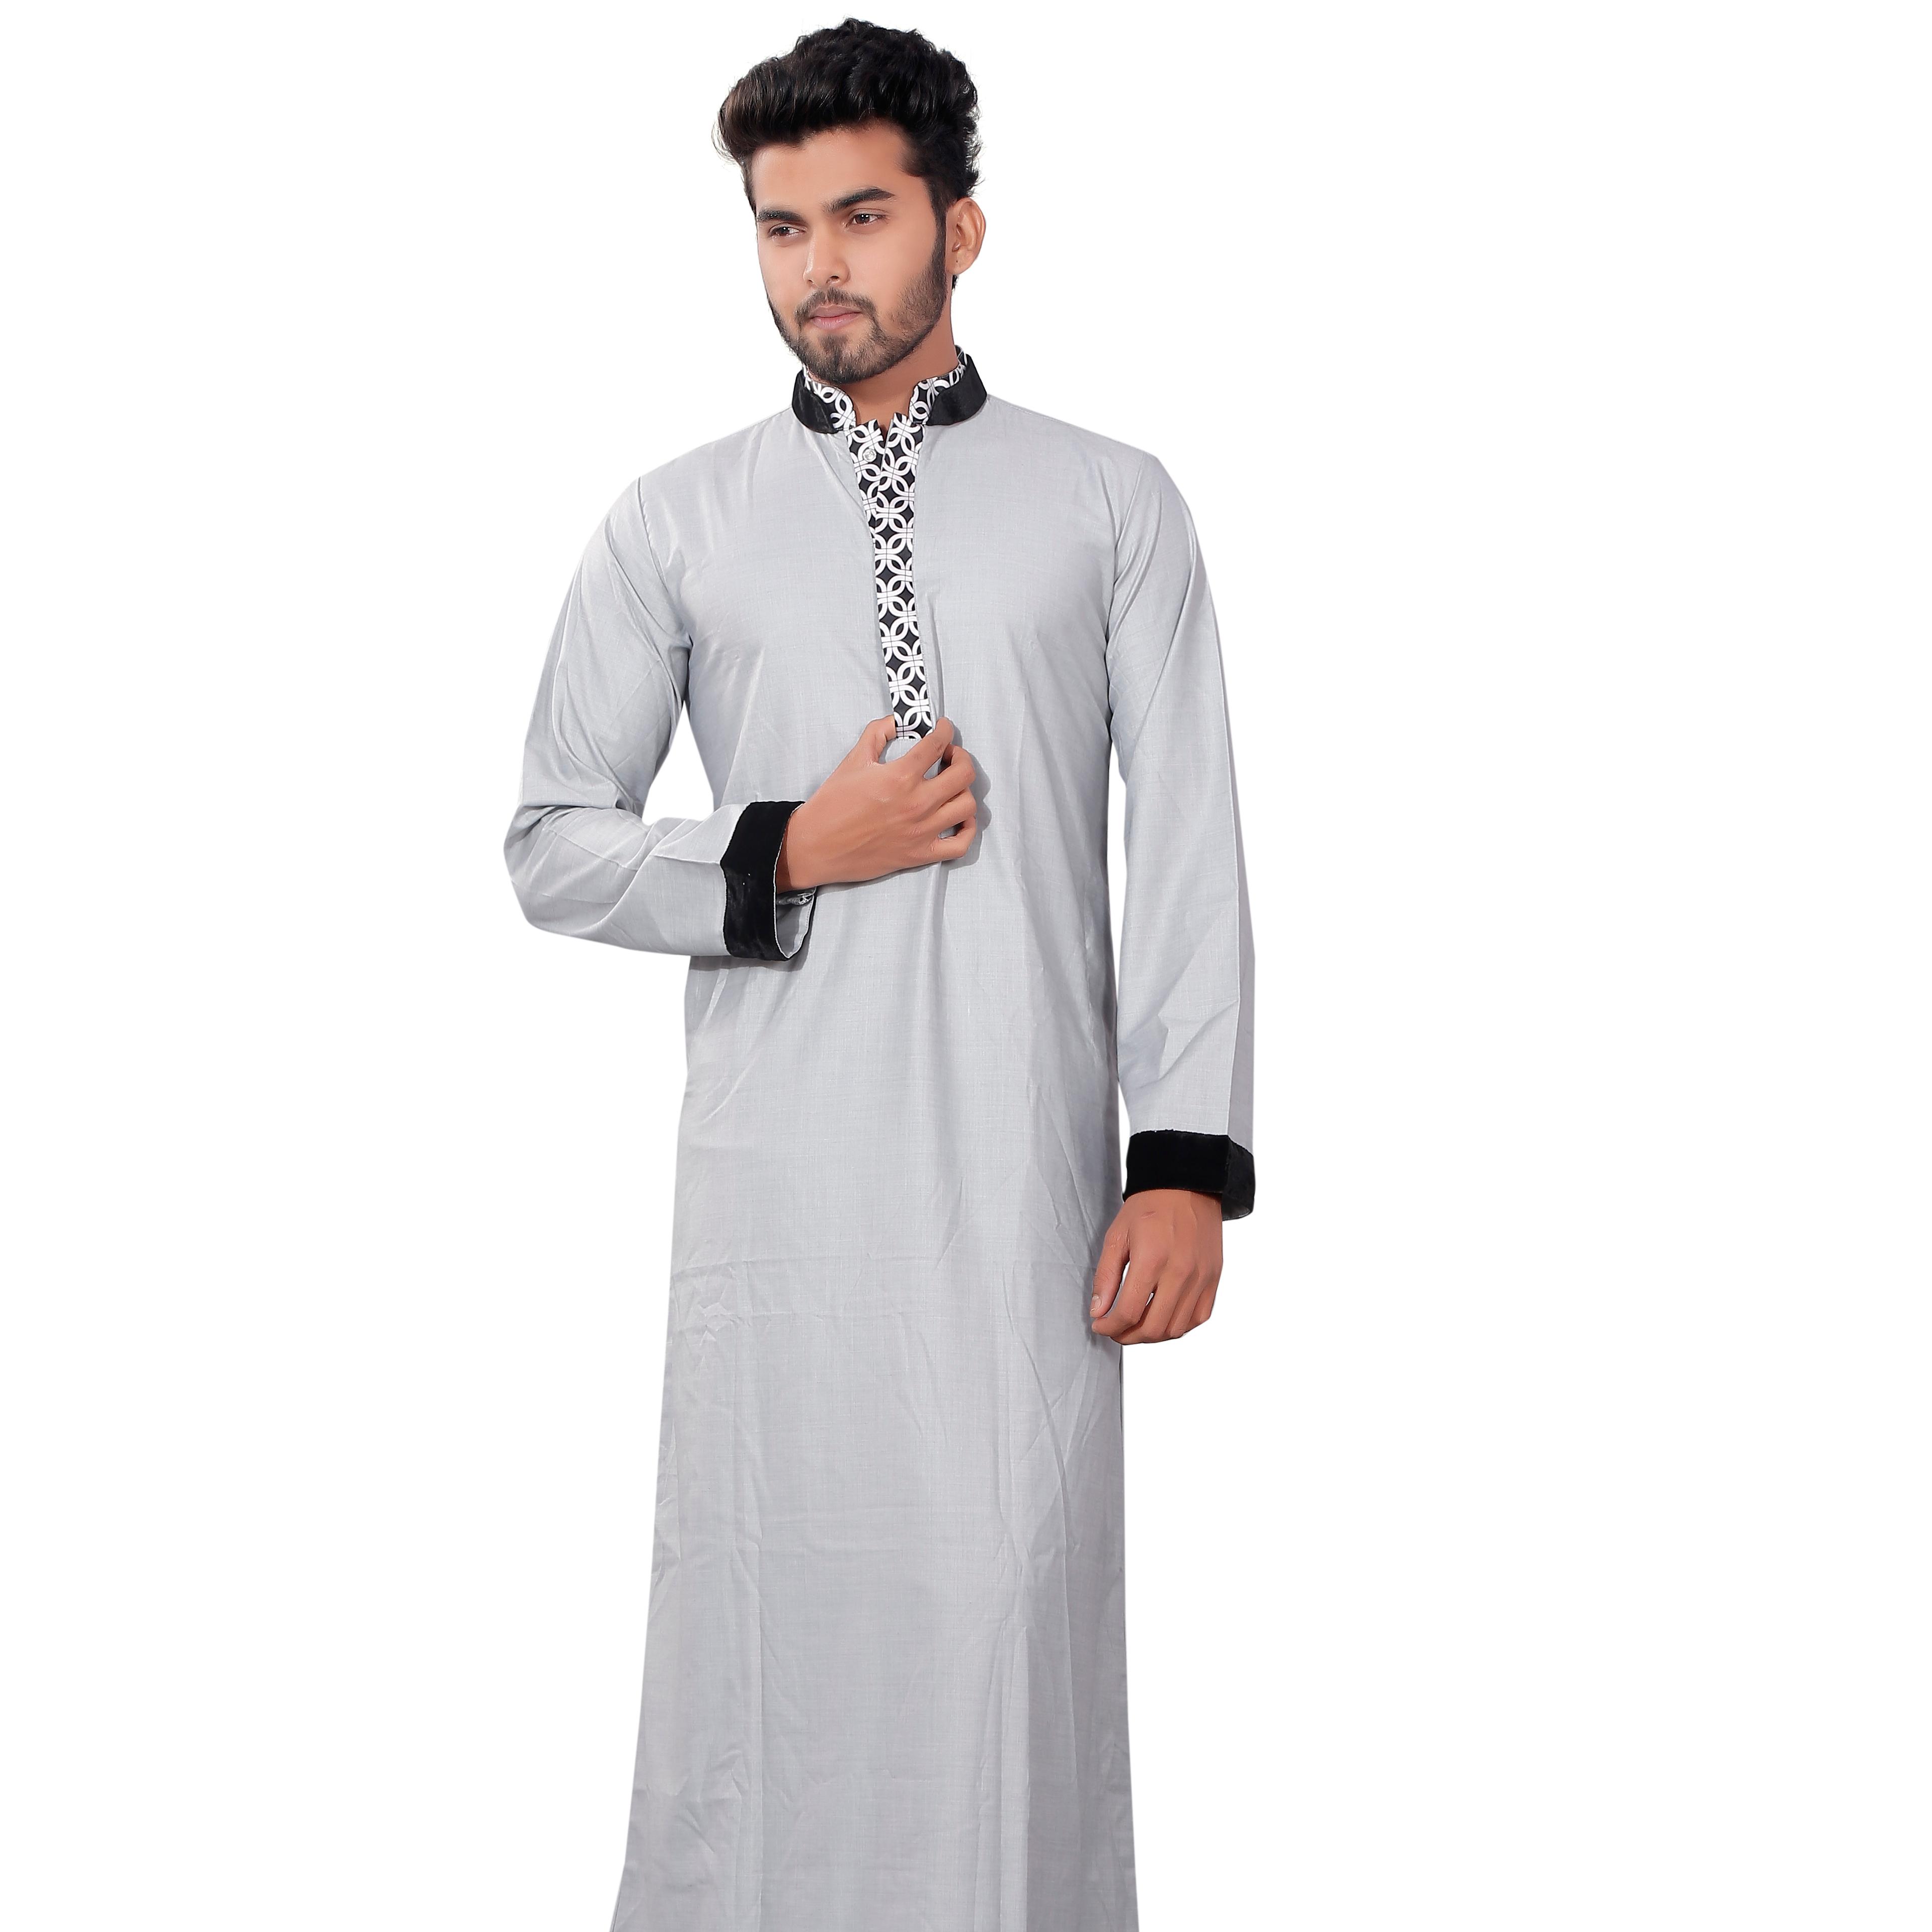 659f4d56dd648 مصادر شركات تصنيع الرجال ملابس الإسلامية والرجال ملابس الإسلامية في  Alibaba.com